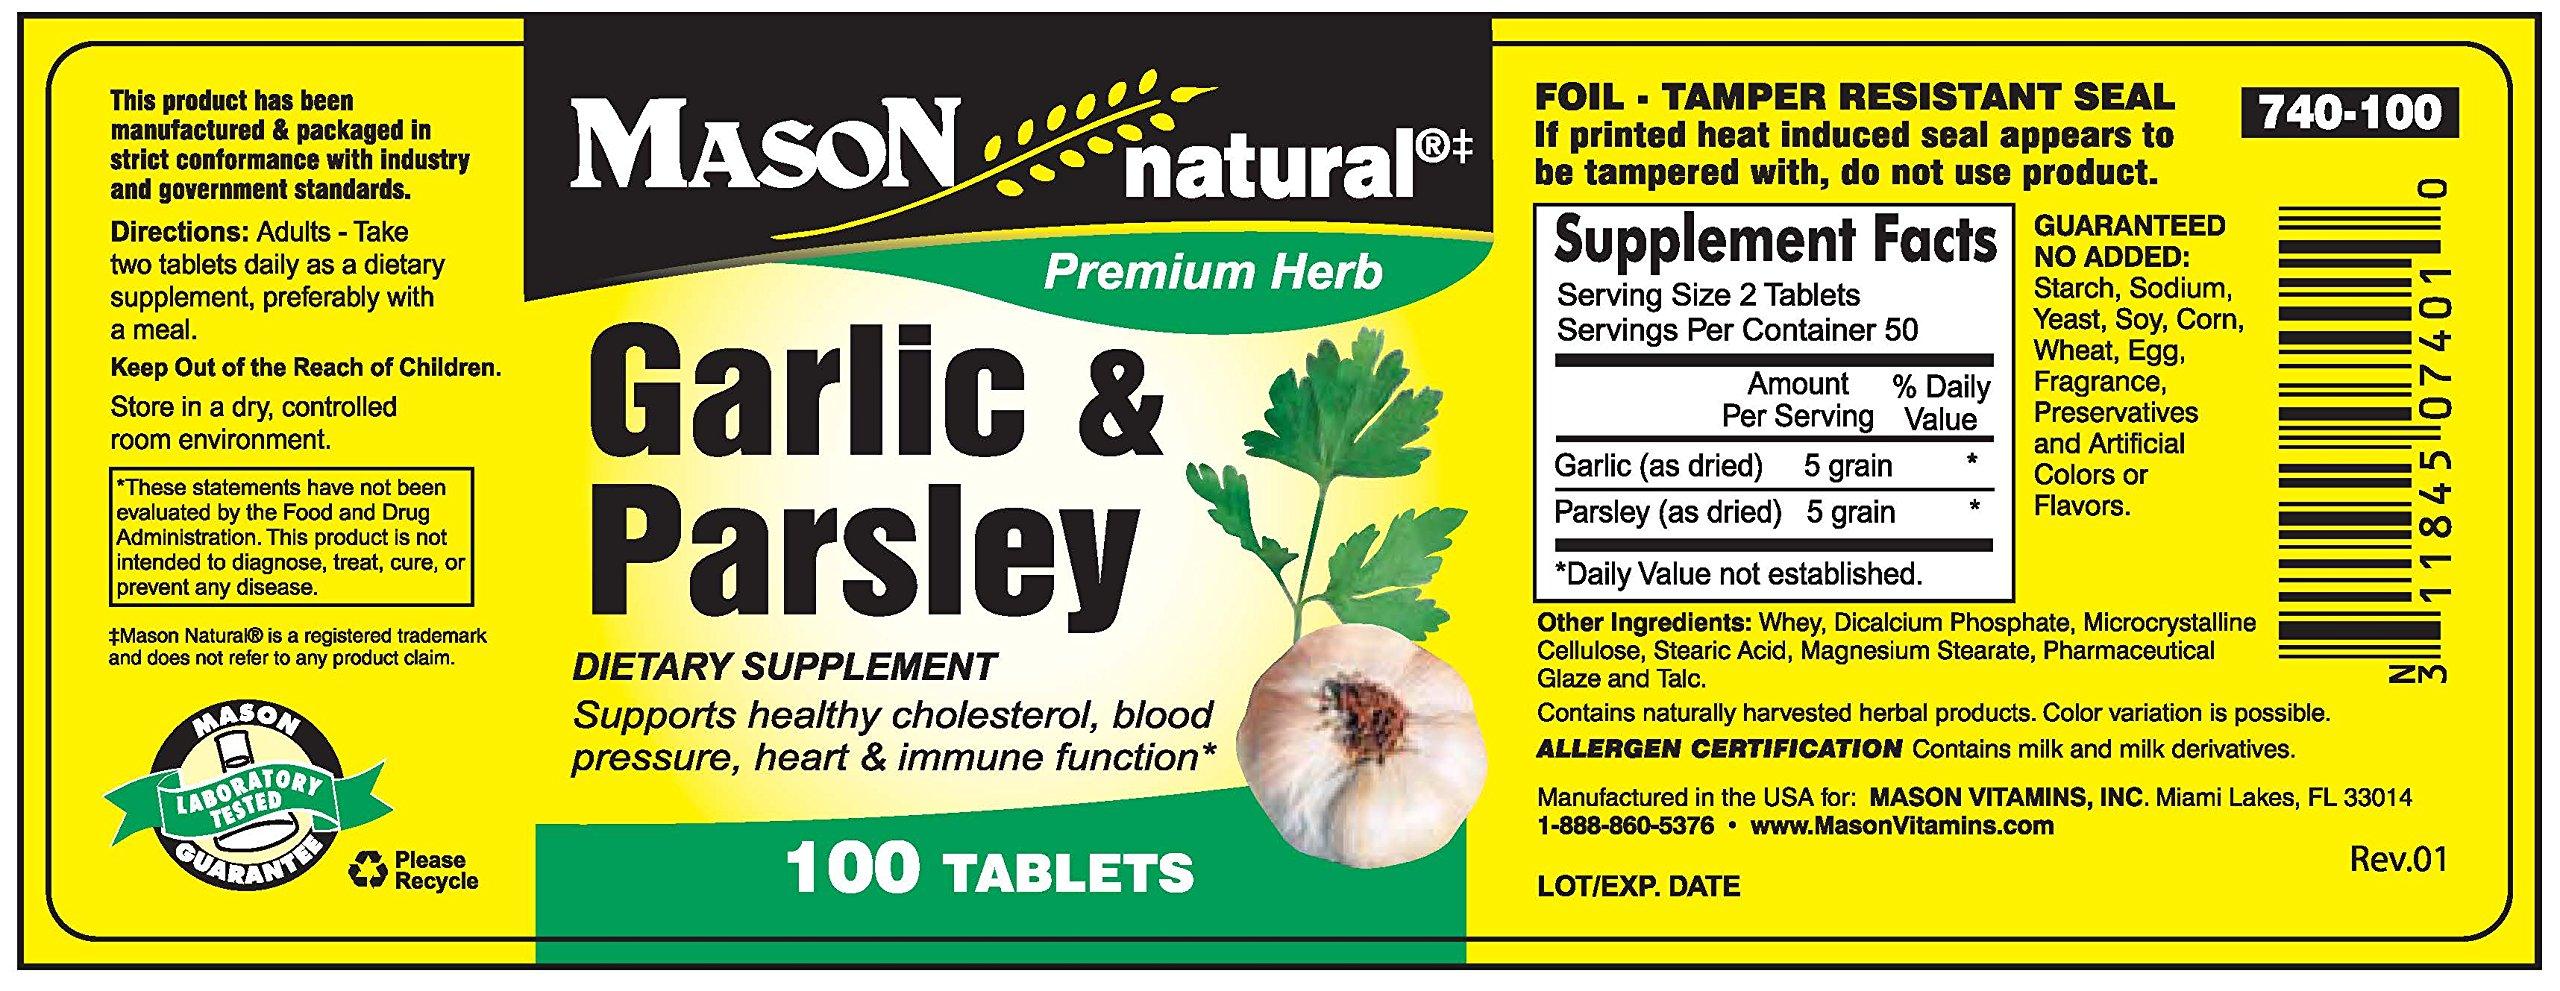 Mason Vitamins Garlic & Parsley Tablets, 60 Count